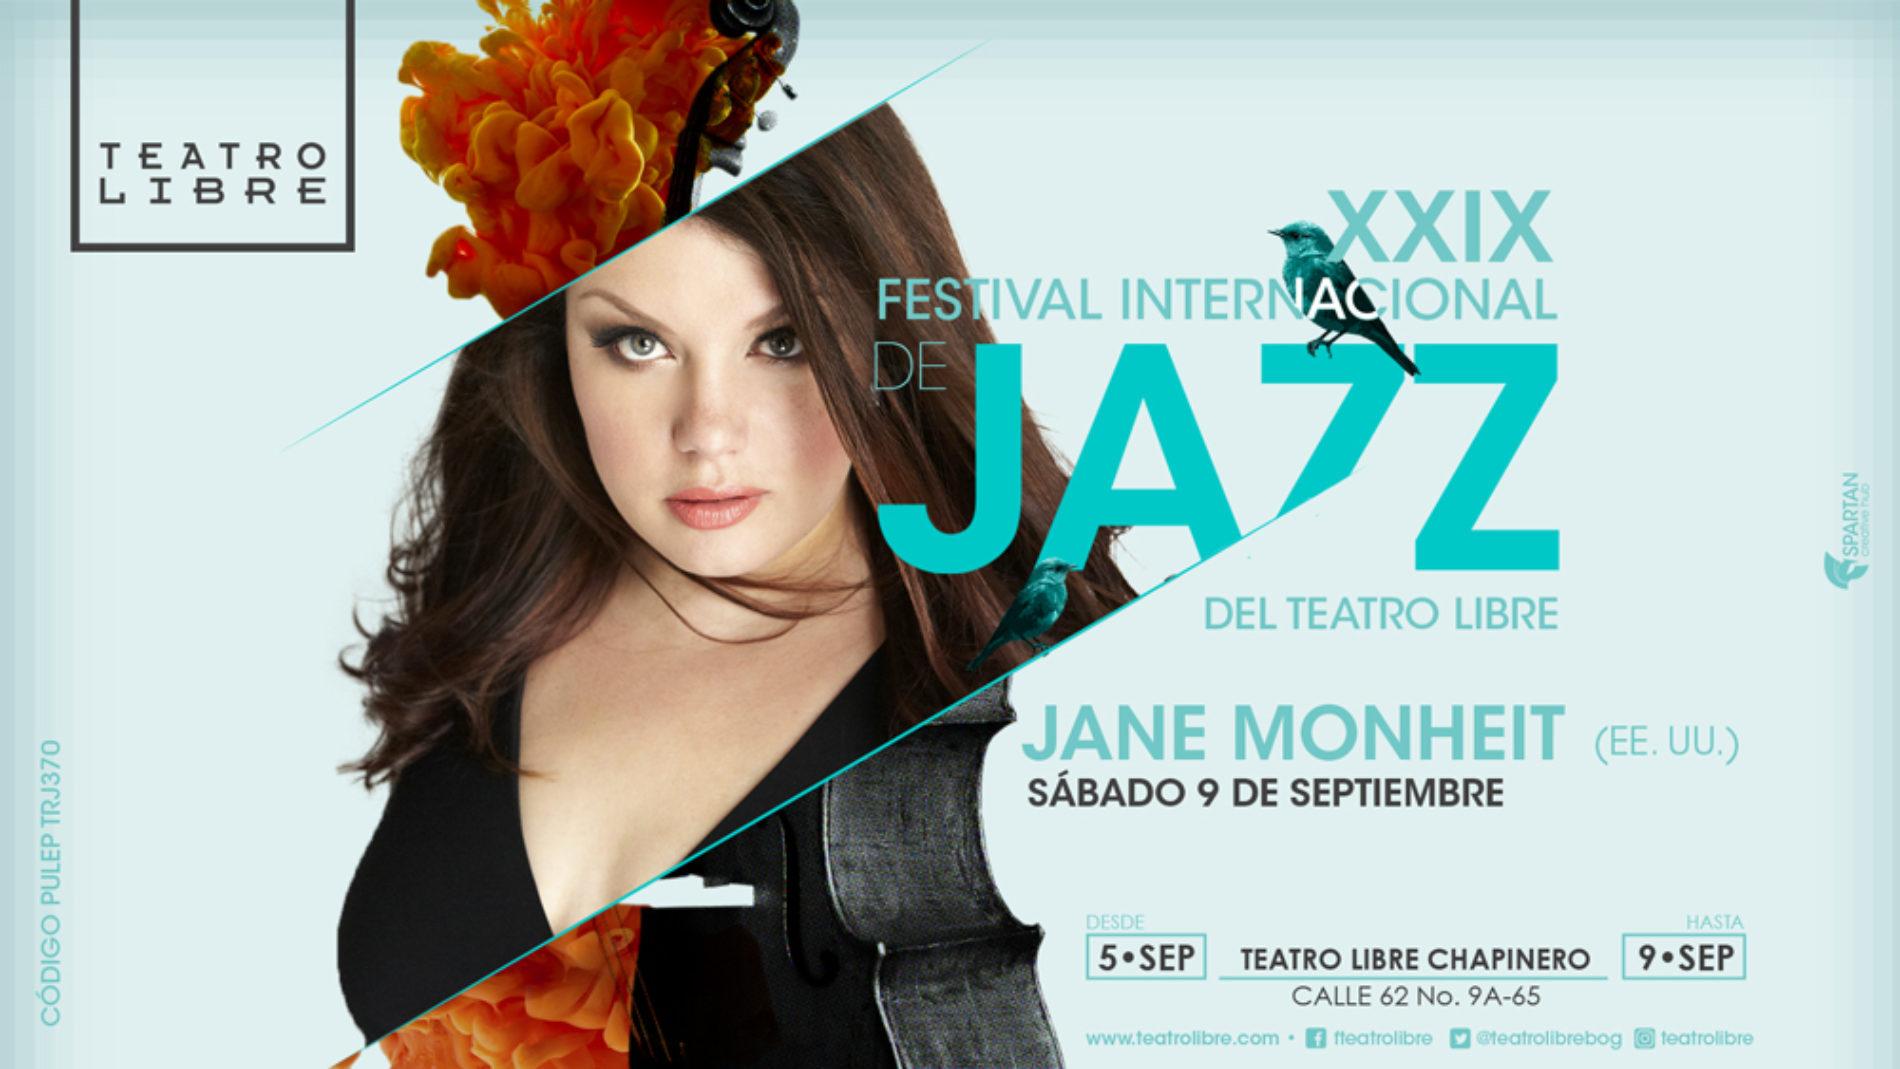 Está activa la PREVENTA para el XXIX Festival Internacional de Jazz de Bogotá del Teatro Libre